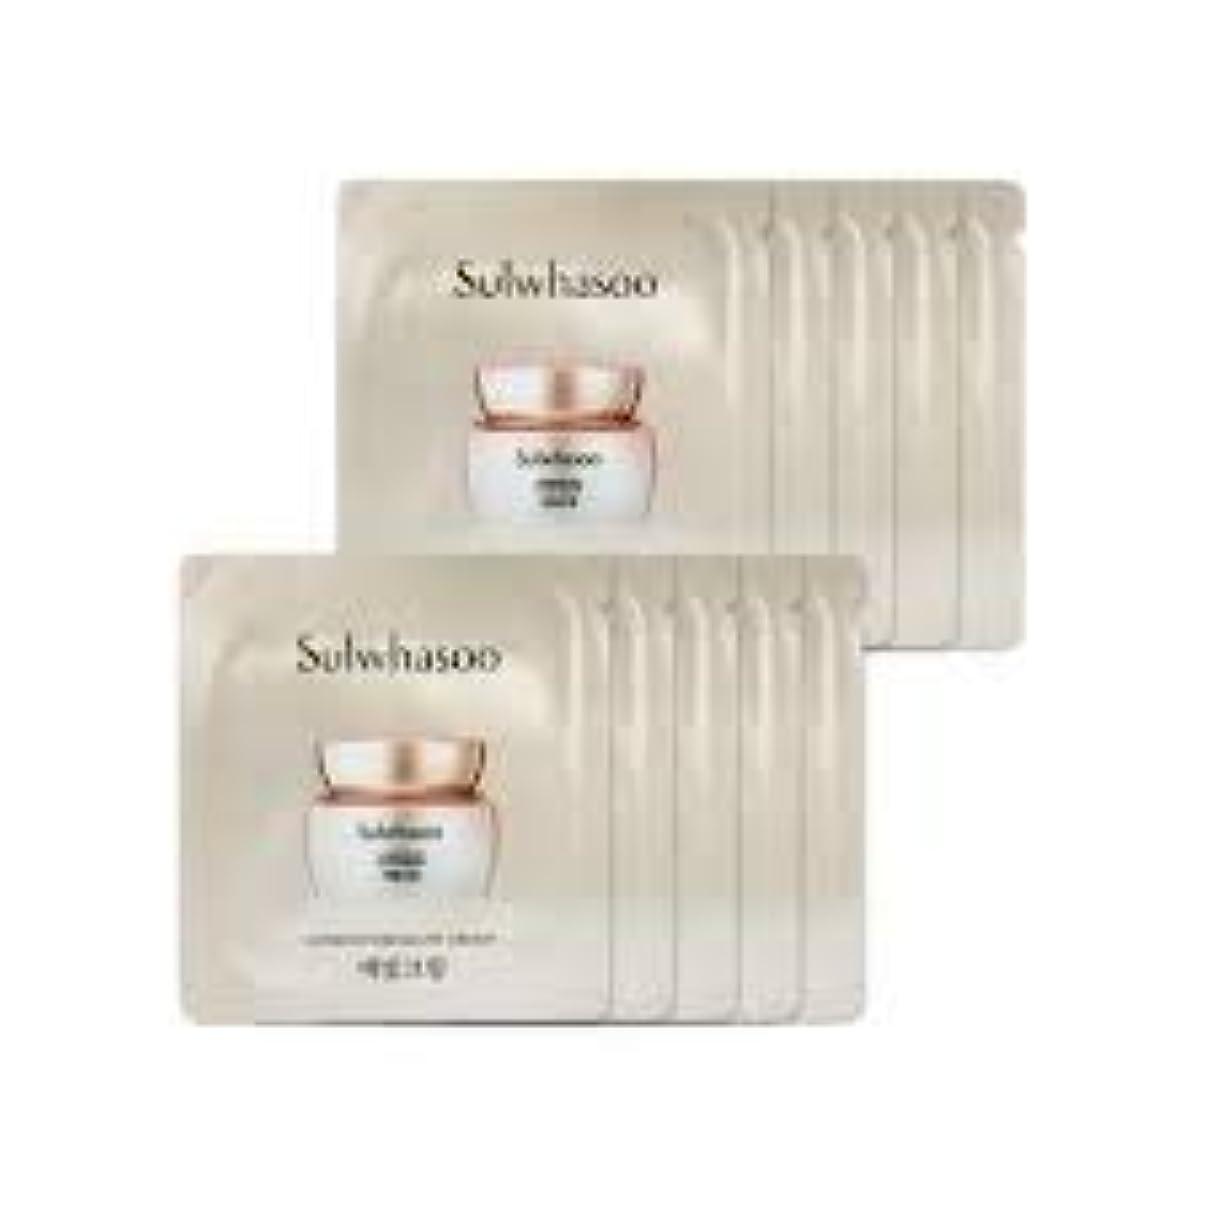 戦略役立つマラウイ[ソルファス ] Sulwhasoo (雪花秀) ルミナチュアグロー Luminature Glow Cream 1ml x 30 (イェビトクリーム) [ShopMaster1]